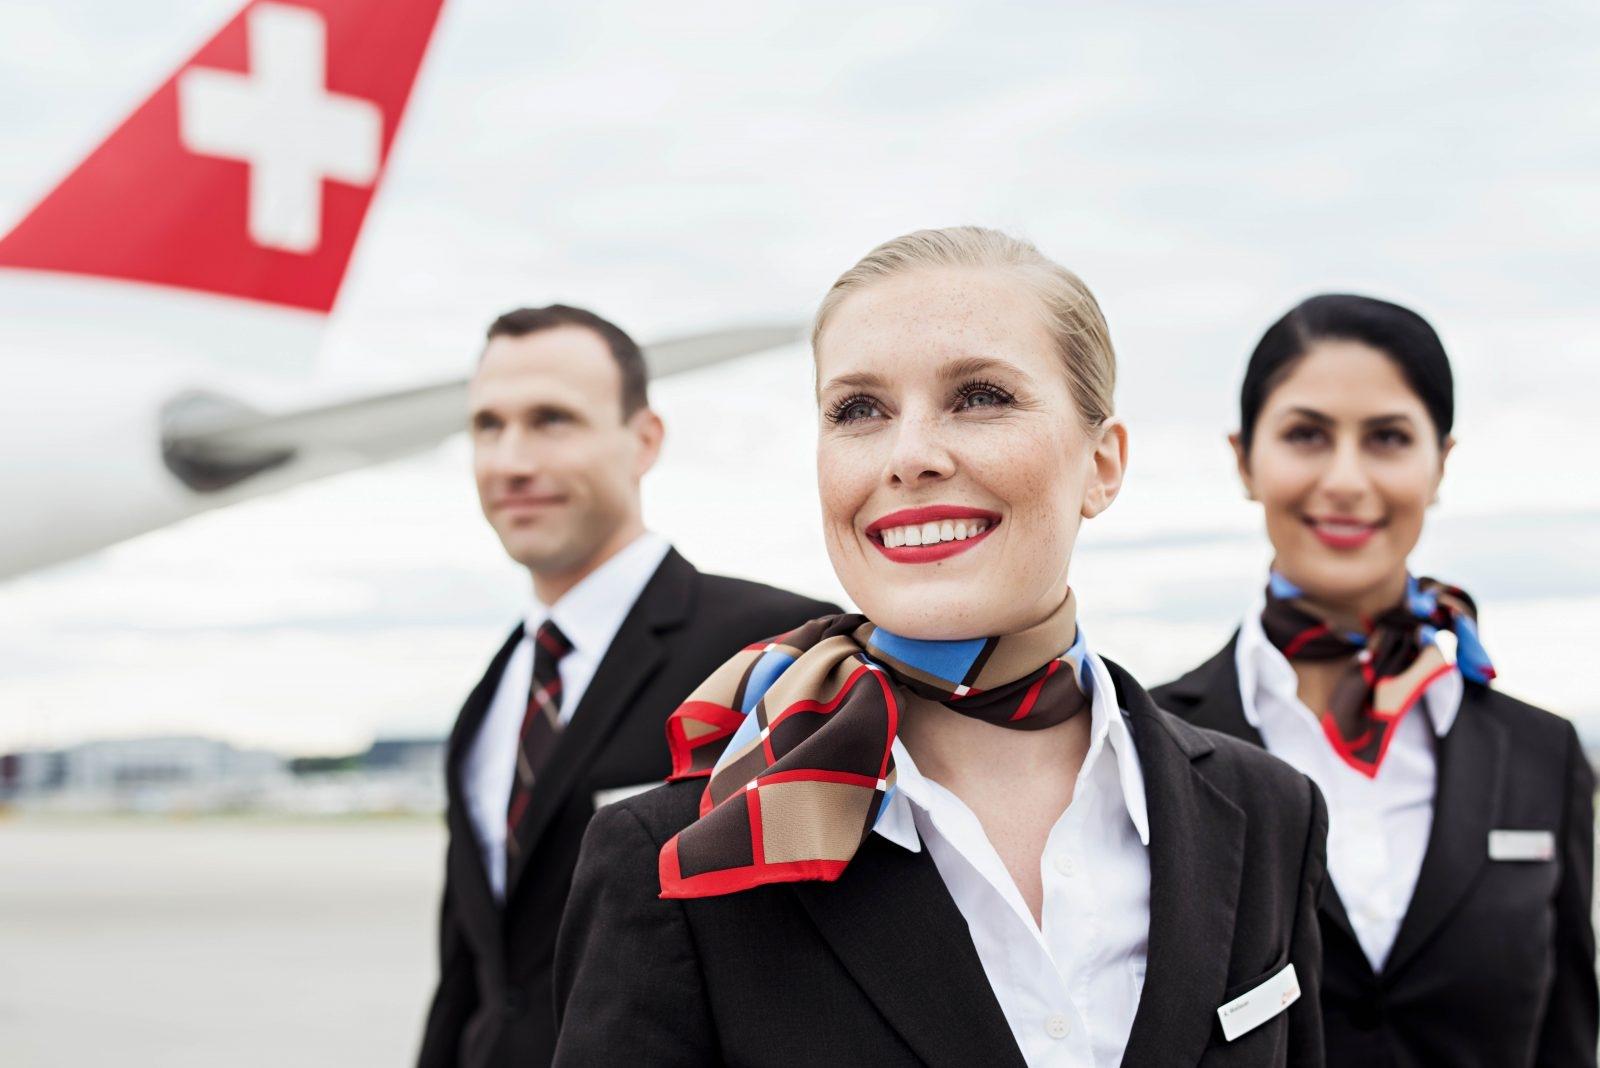 瑞士航空将为自愿离职的新入职空乘提供1050美元补偿